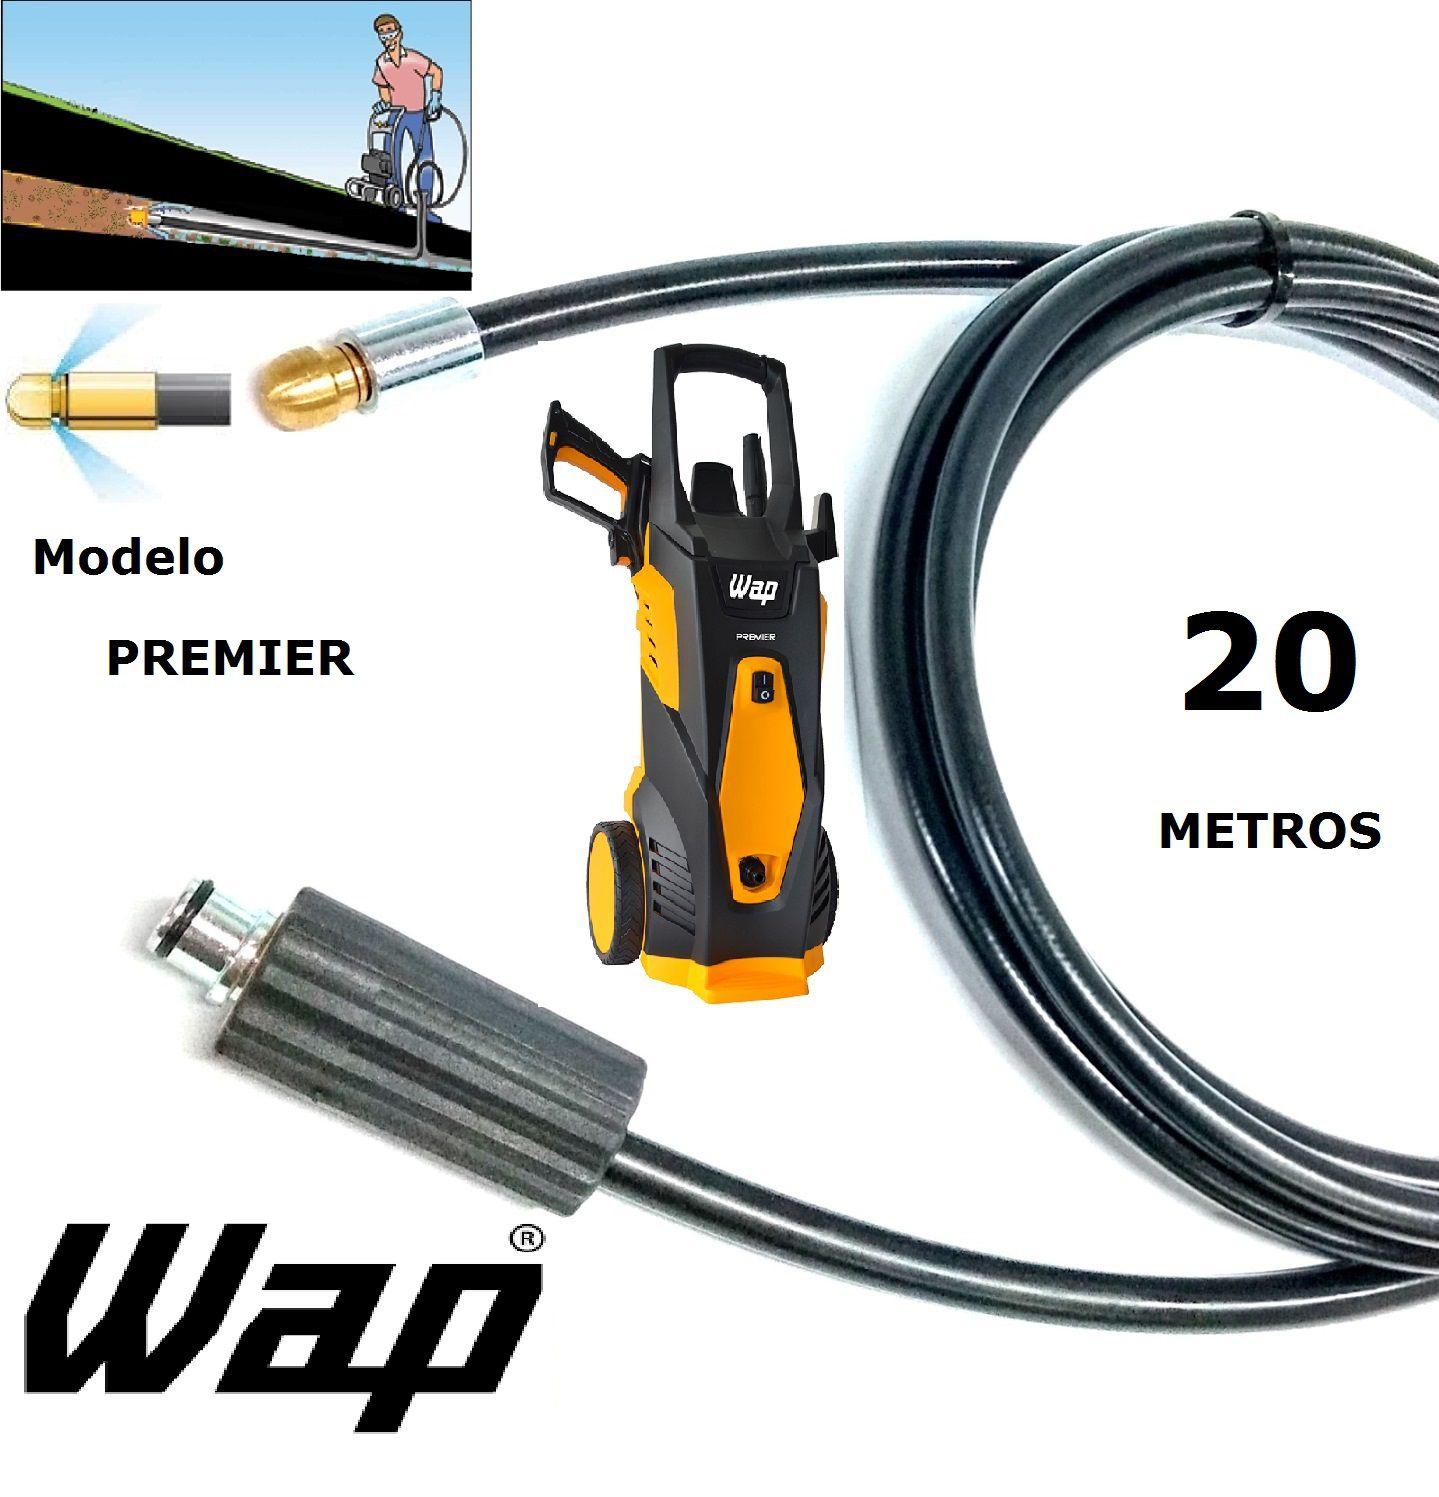 Mangueira desentupidora de tubulação WAP - 20 Metros - Wap PREMIER